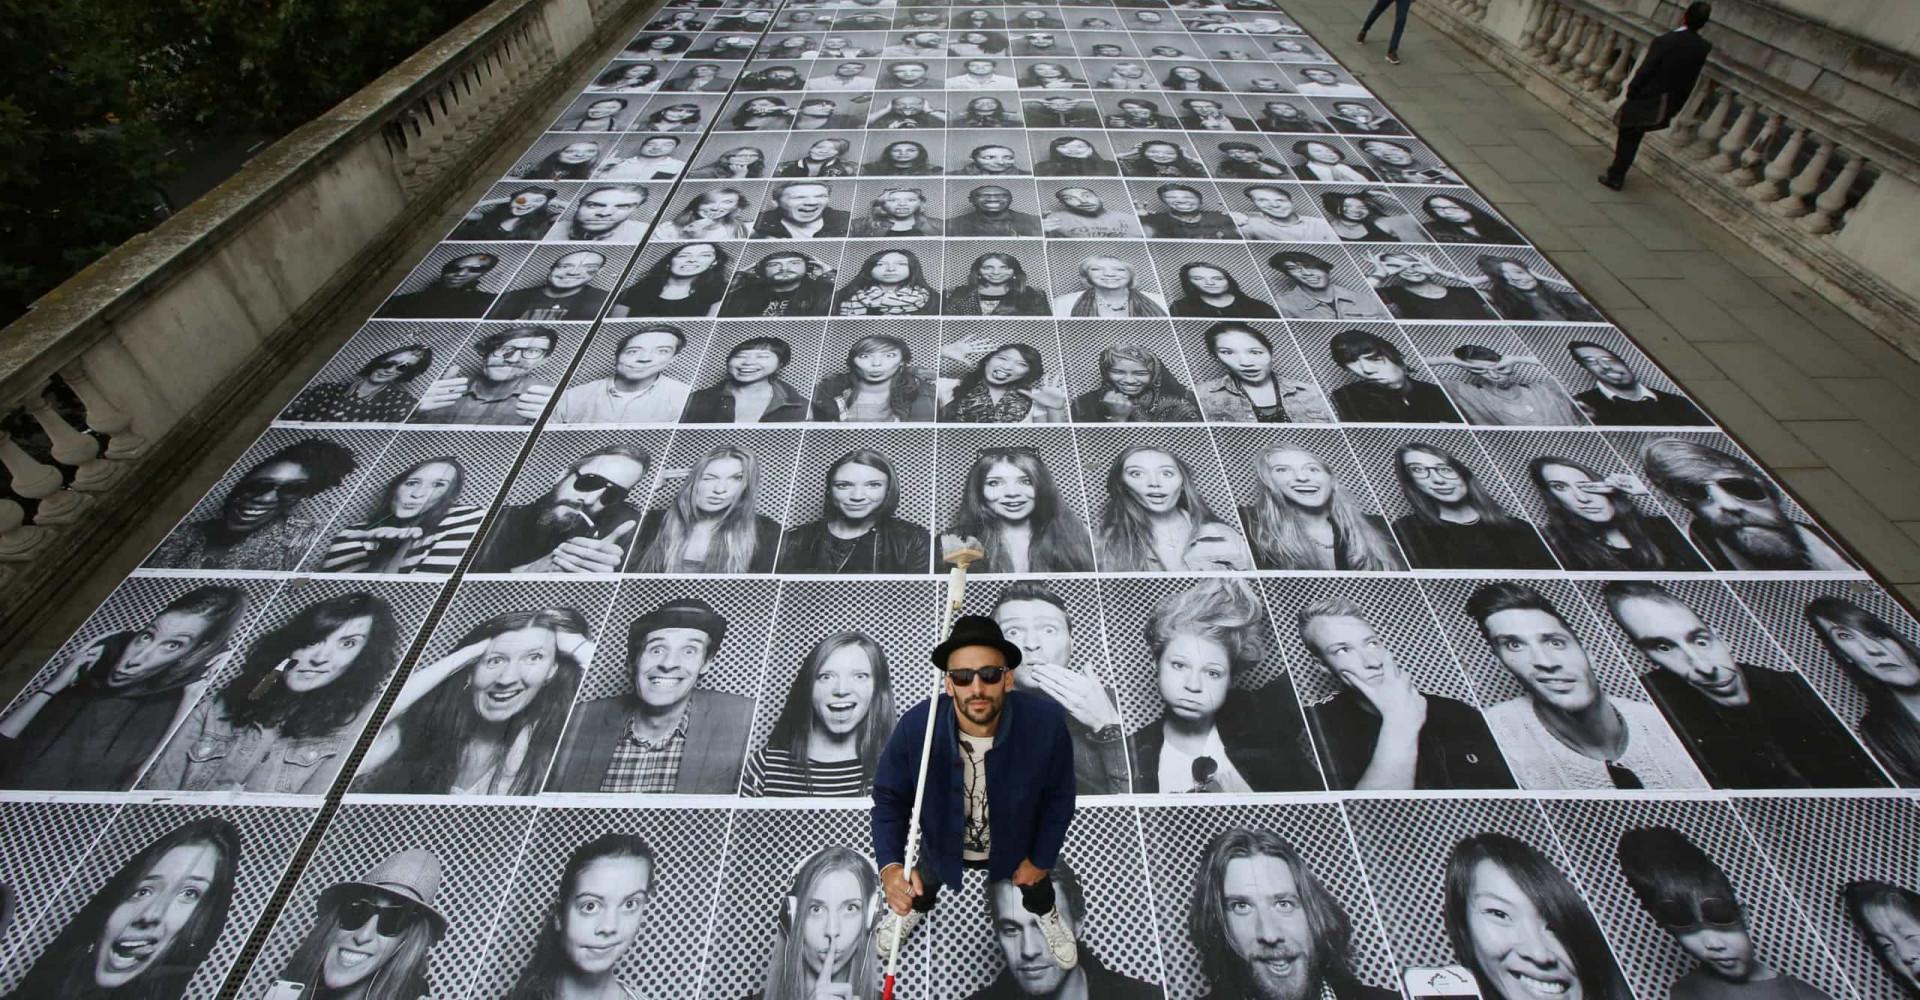 L'artiste JR et ses œuvres les plus magistrales